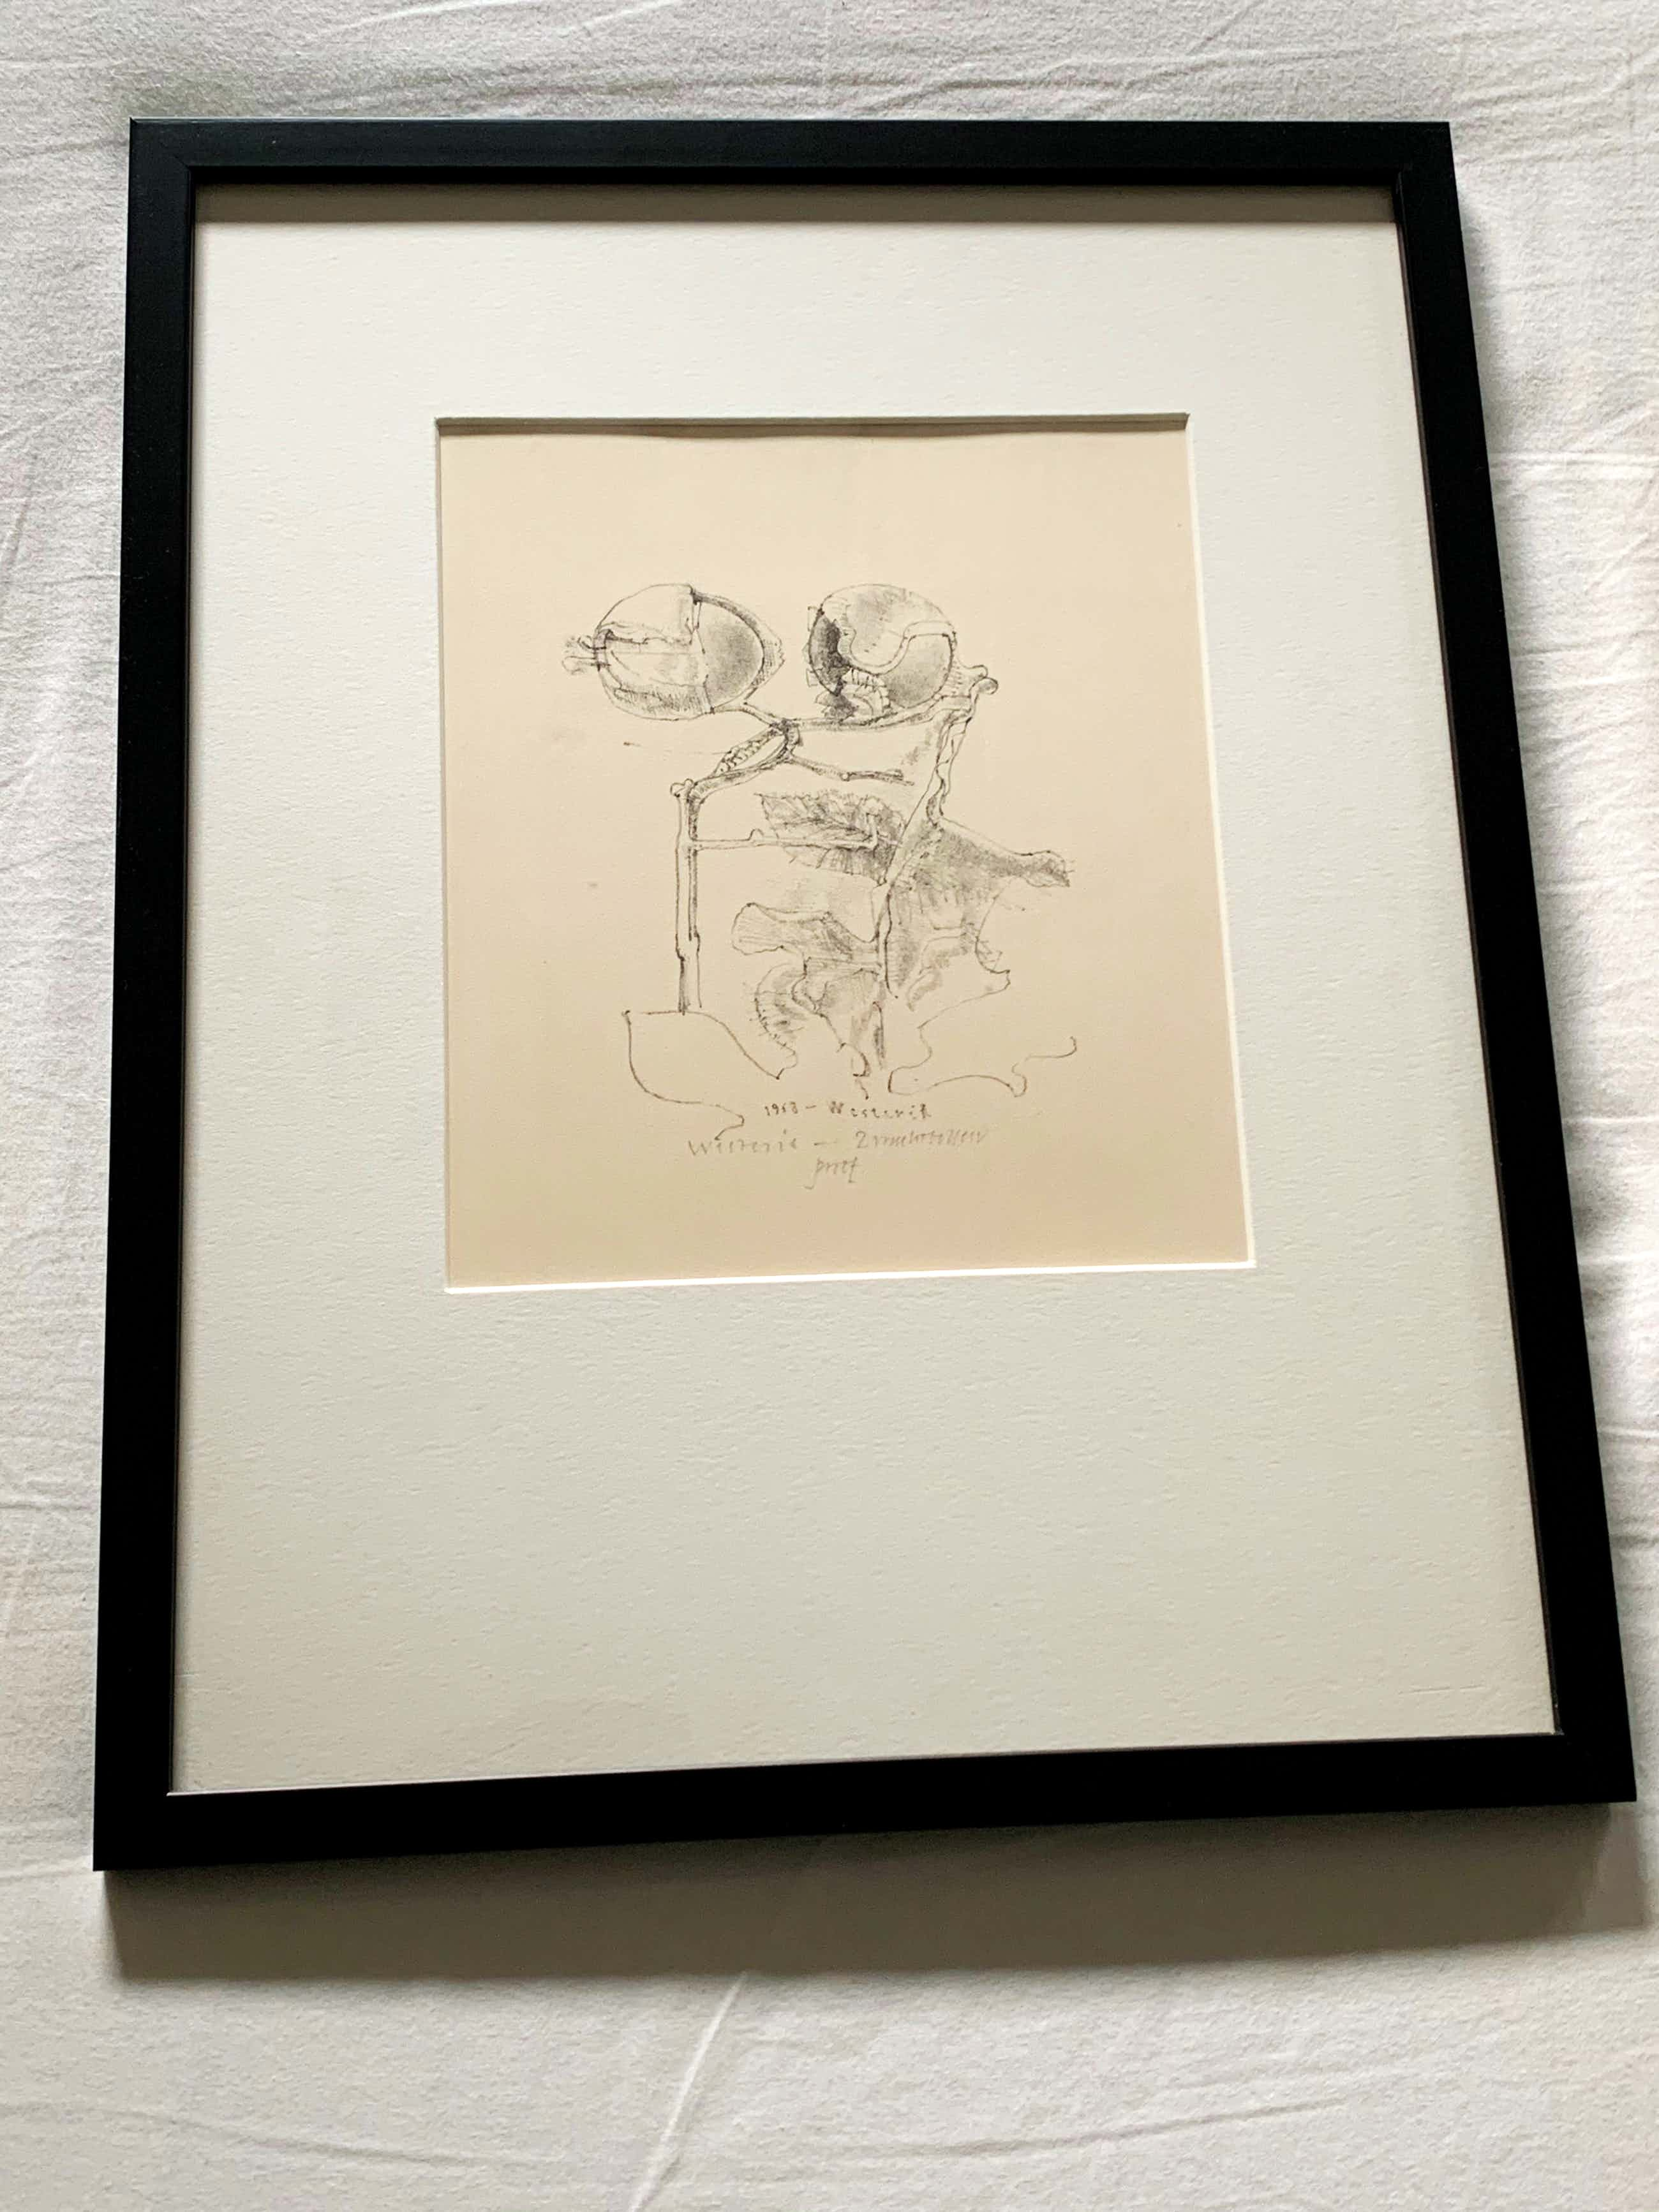 Co Westerik - Twee vruchtbollen 1968 proefdruk oplage 20 met handgeschreven gedicht kopen? Bied vanaf 165!